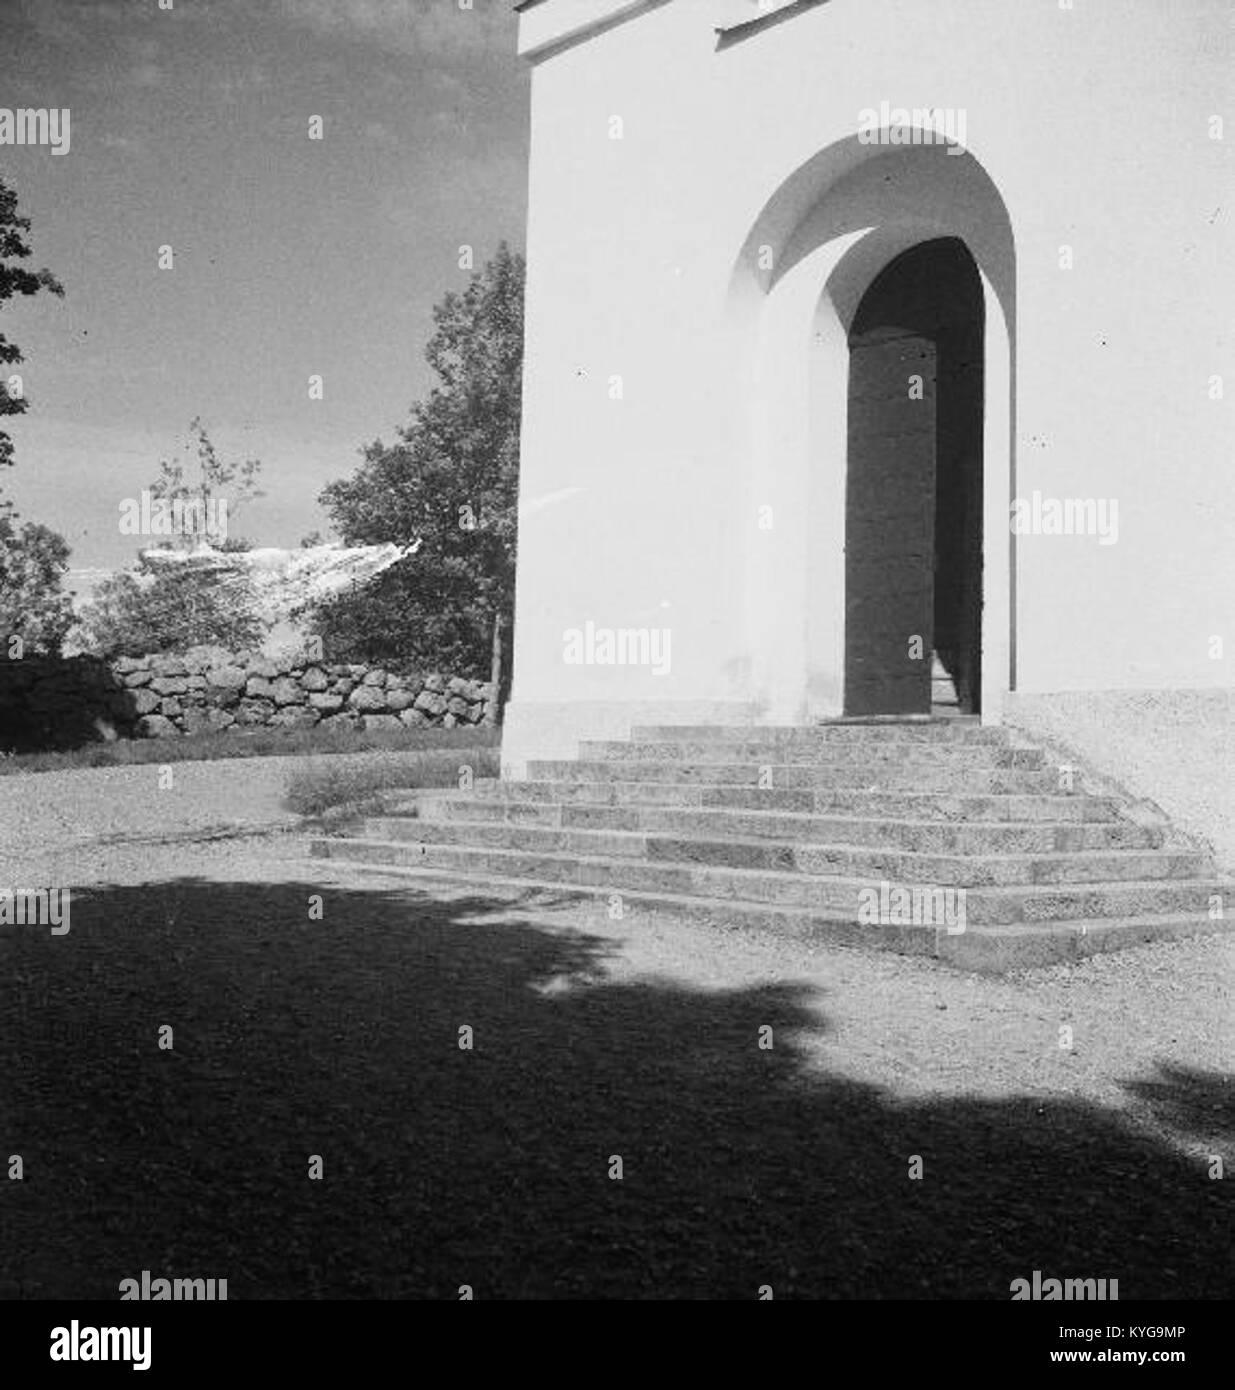 Rådmansö kyrka - KMB - 16000200127792 Banque D'Images